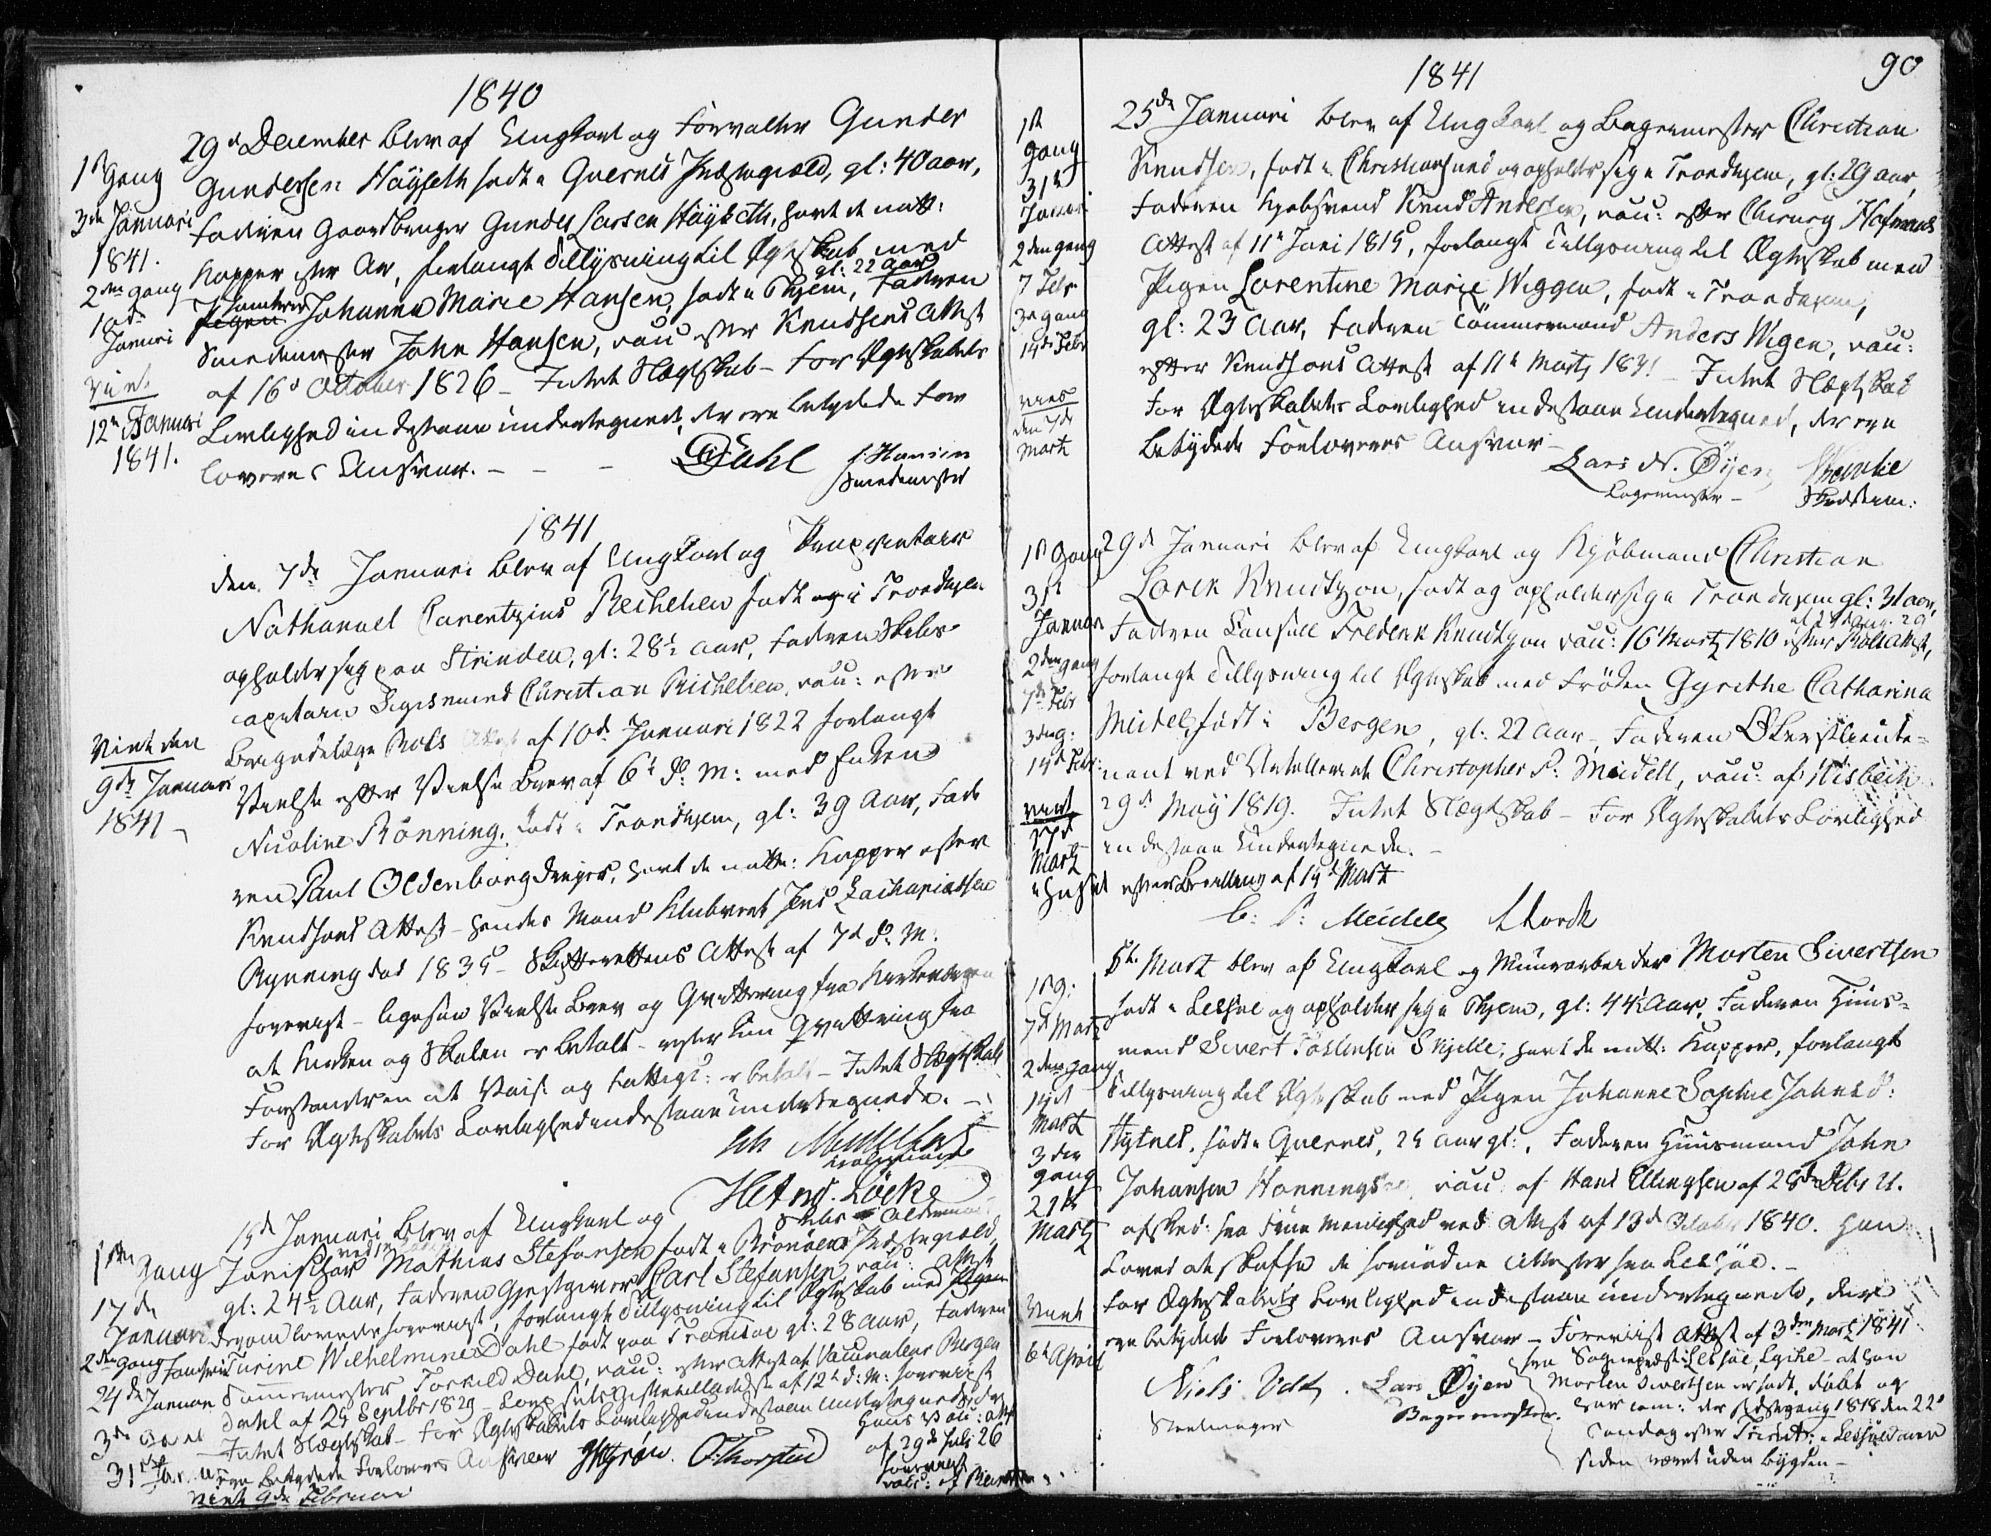 SAT, Ministerialprotokoller, klokkerbøker og fødselsregistre - Sør-Trøndelag, 601/L0046: Ministerialbok nr. 601A14, 1830-1841, s. 90